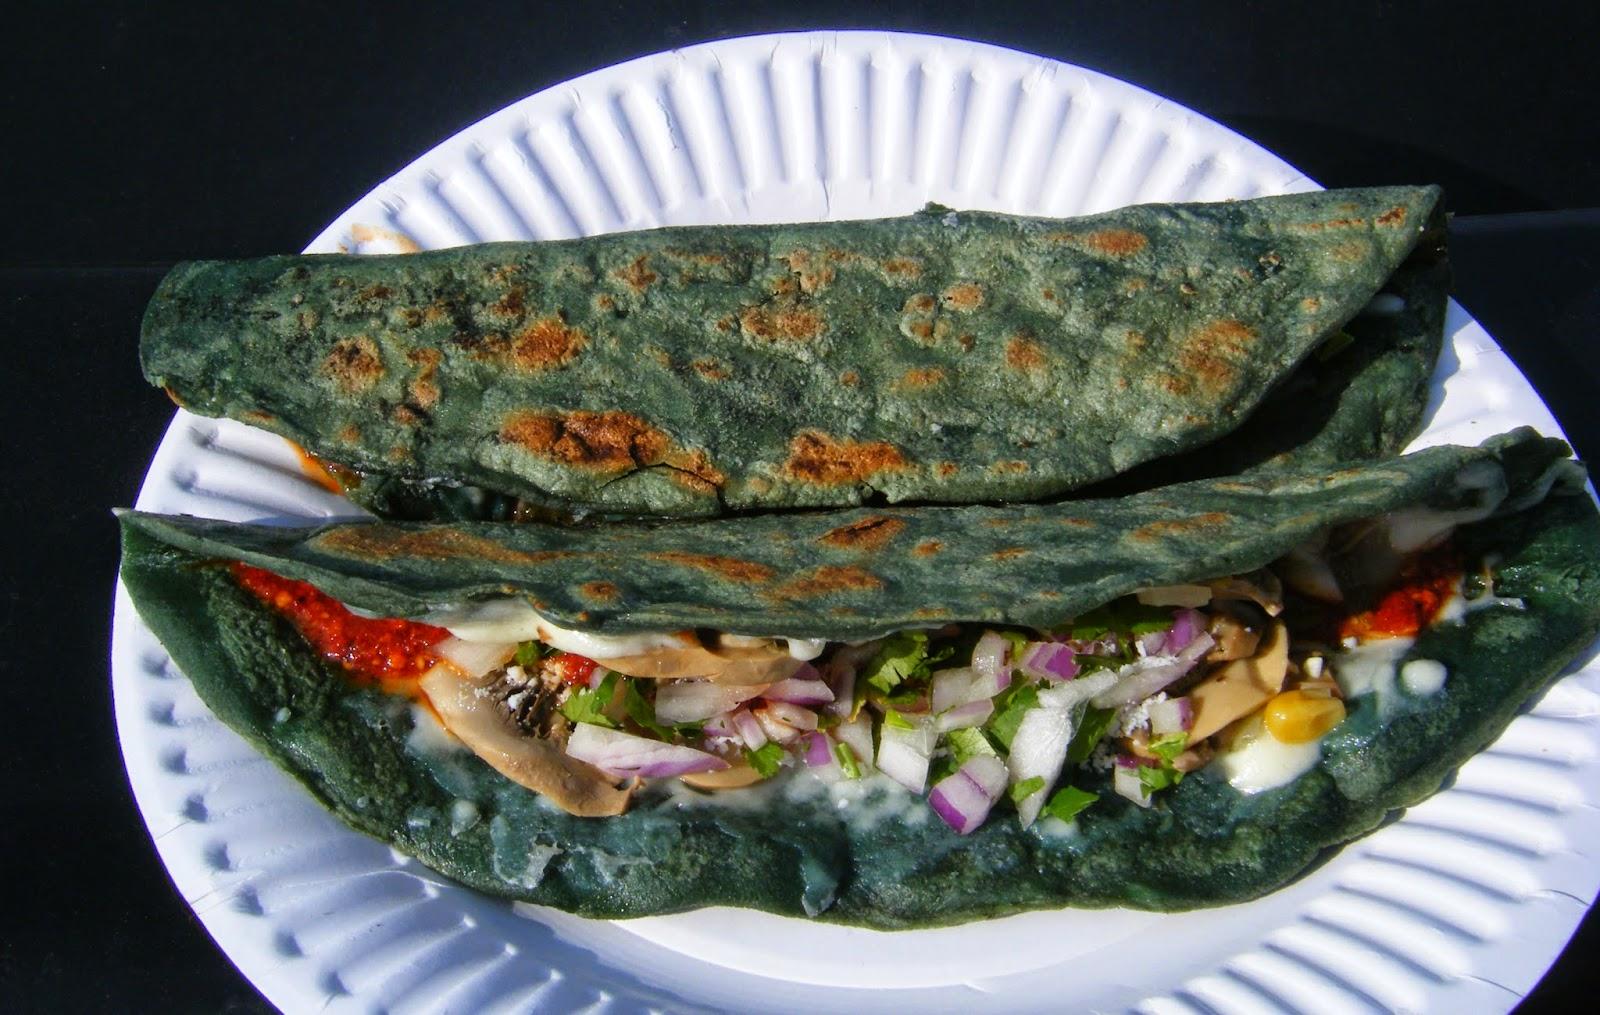 quesadillas sin queso, de la comida típica de la CDMX